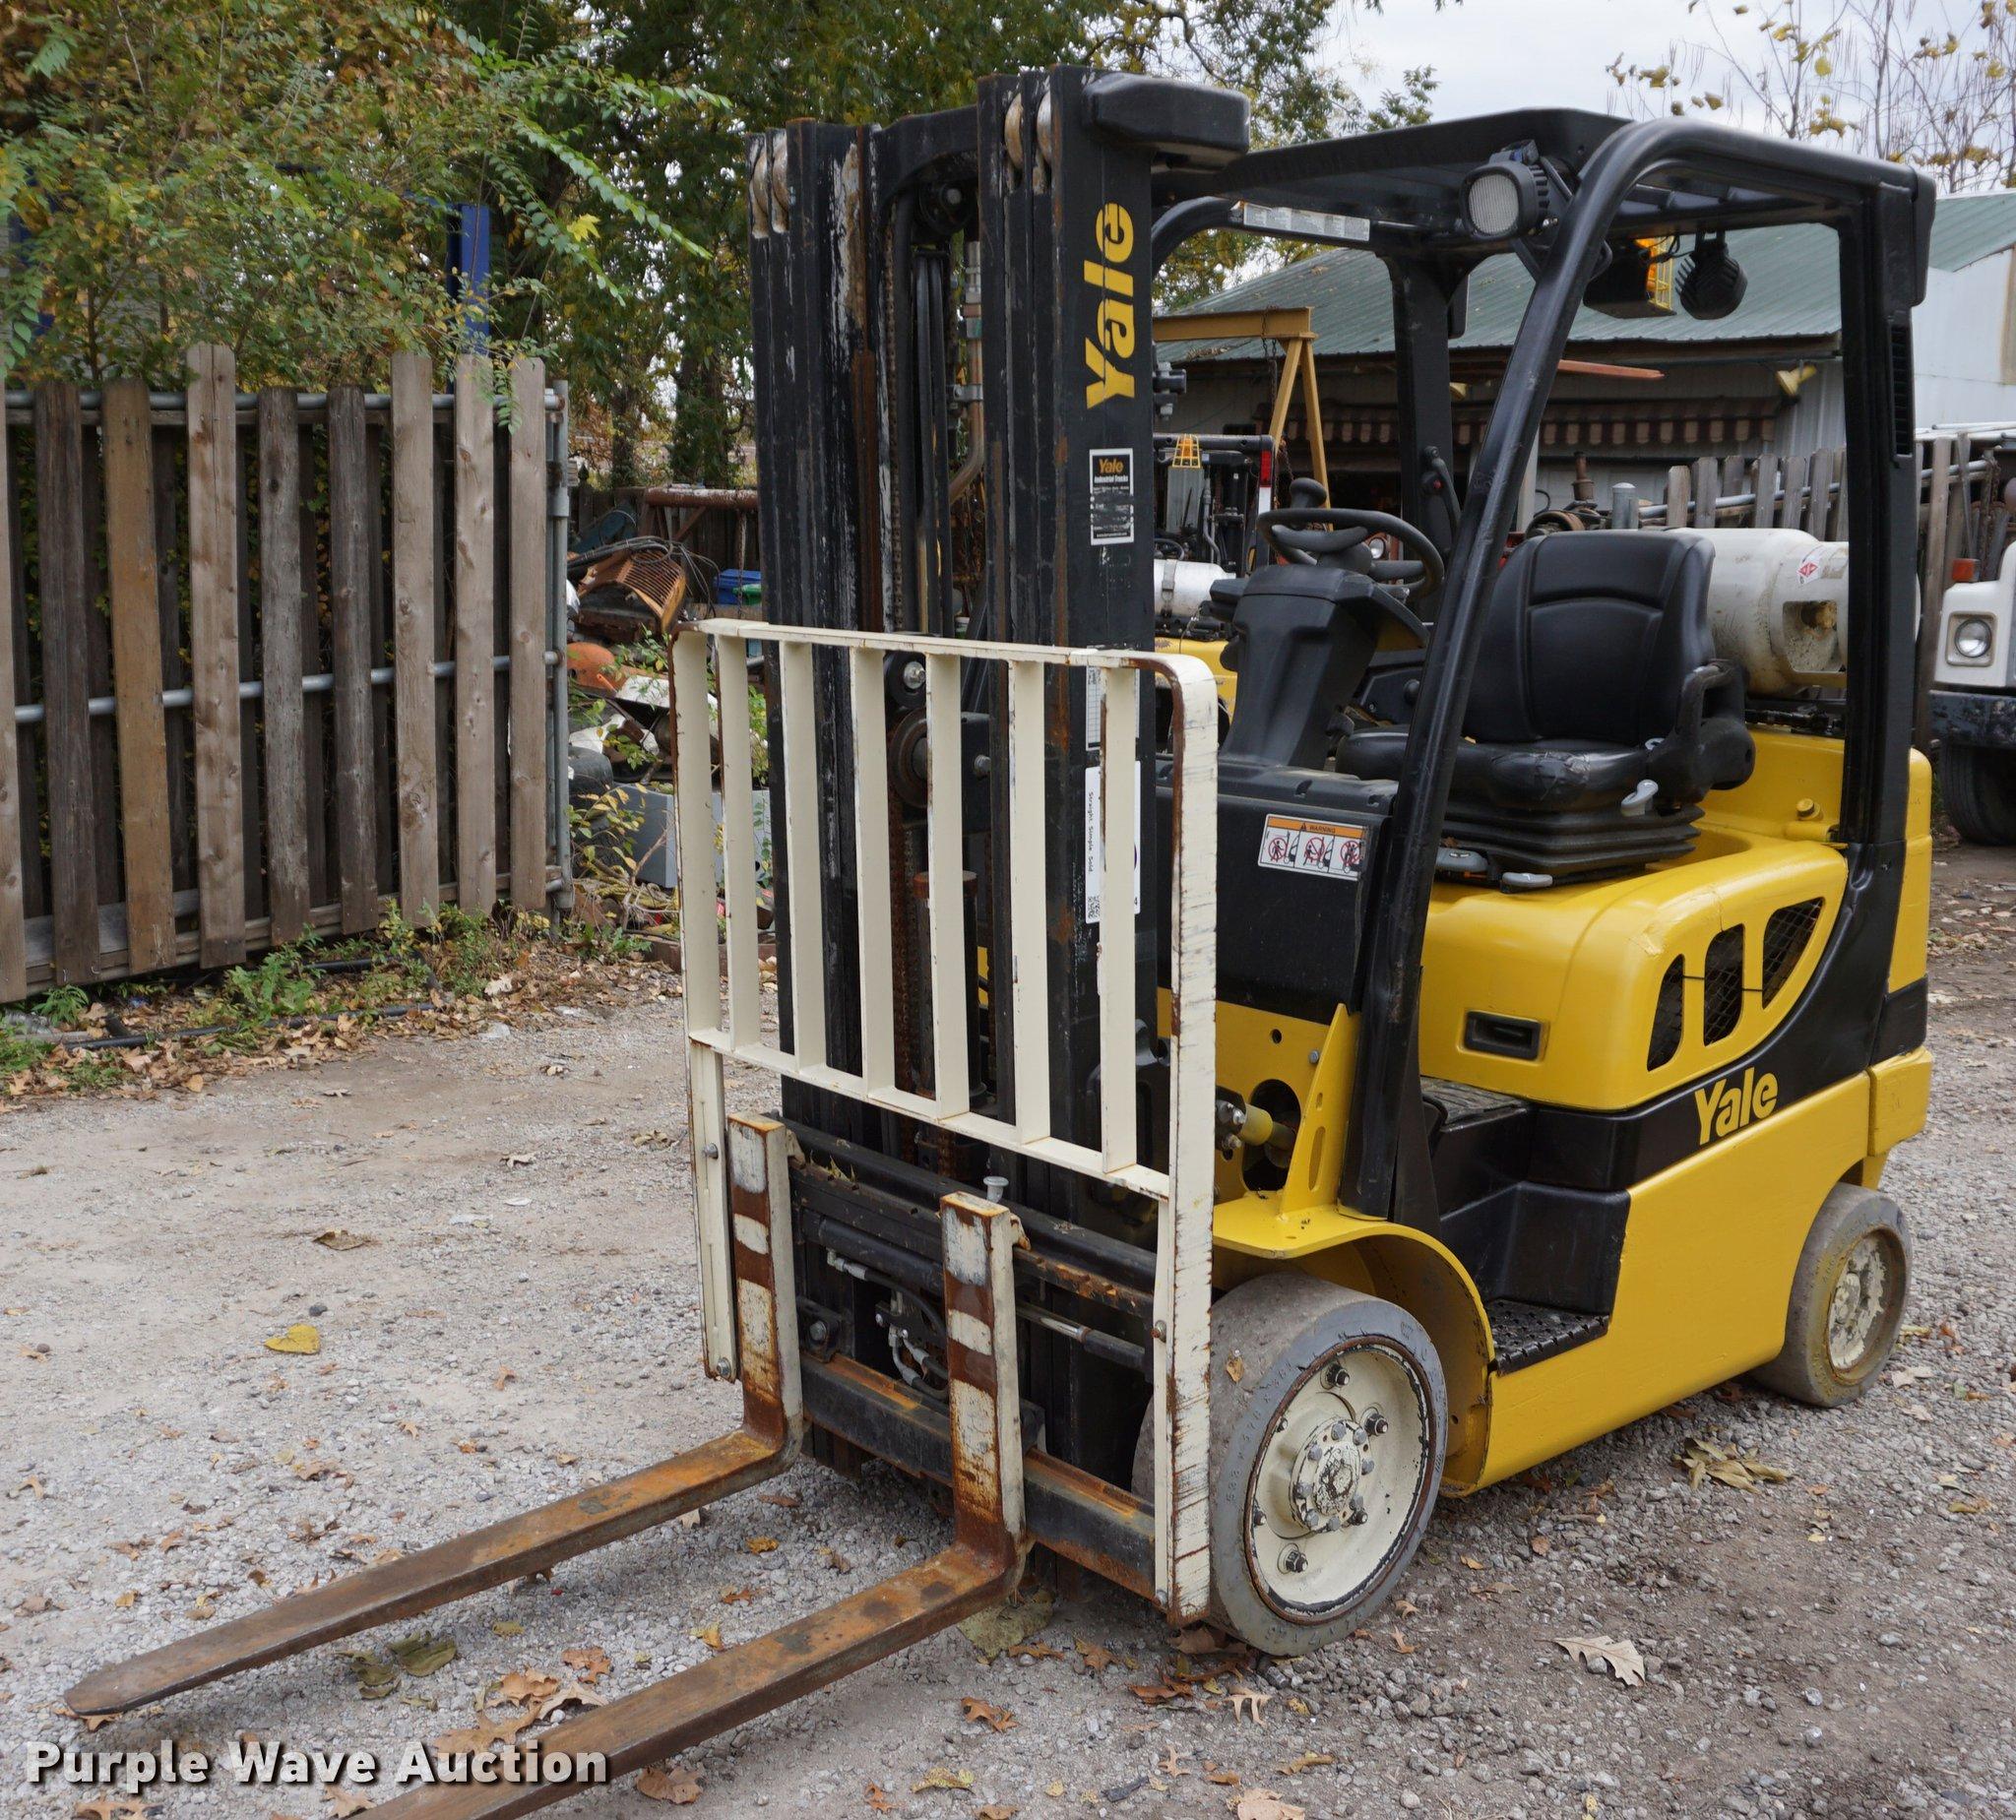 2012 Yale GLC050 forklift | Item DF1574 | SOLD! November 28